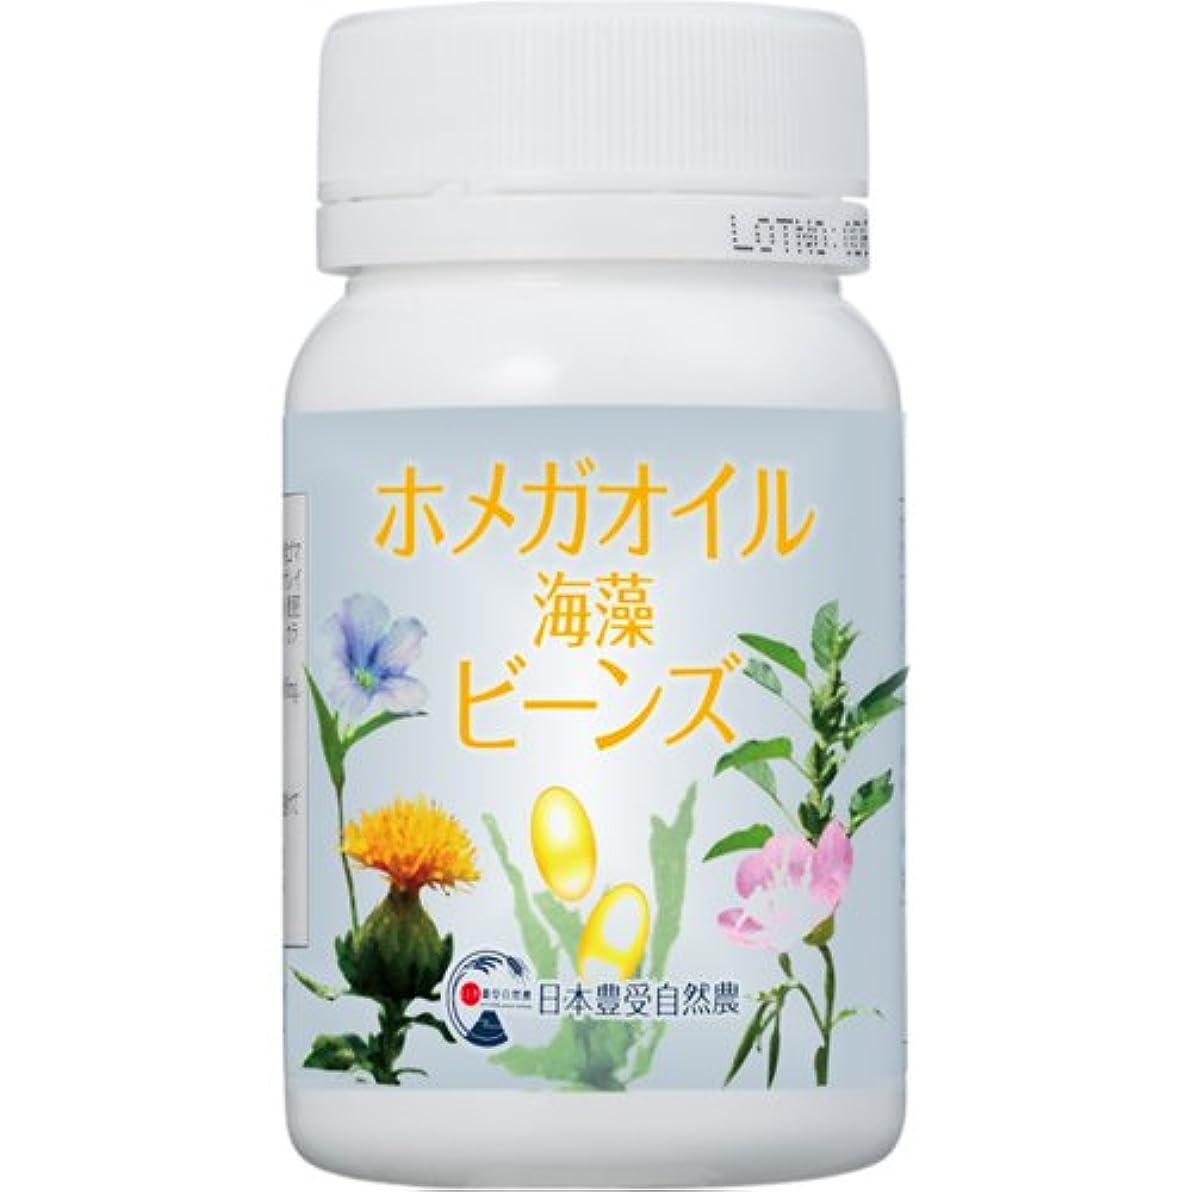 おいしいアルコール賞賛日本豊受自然農 ホメガオイル海藻ビーンズ 約90粒